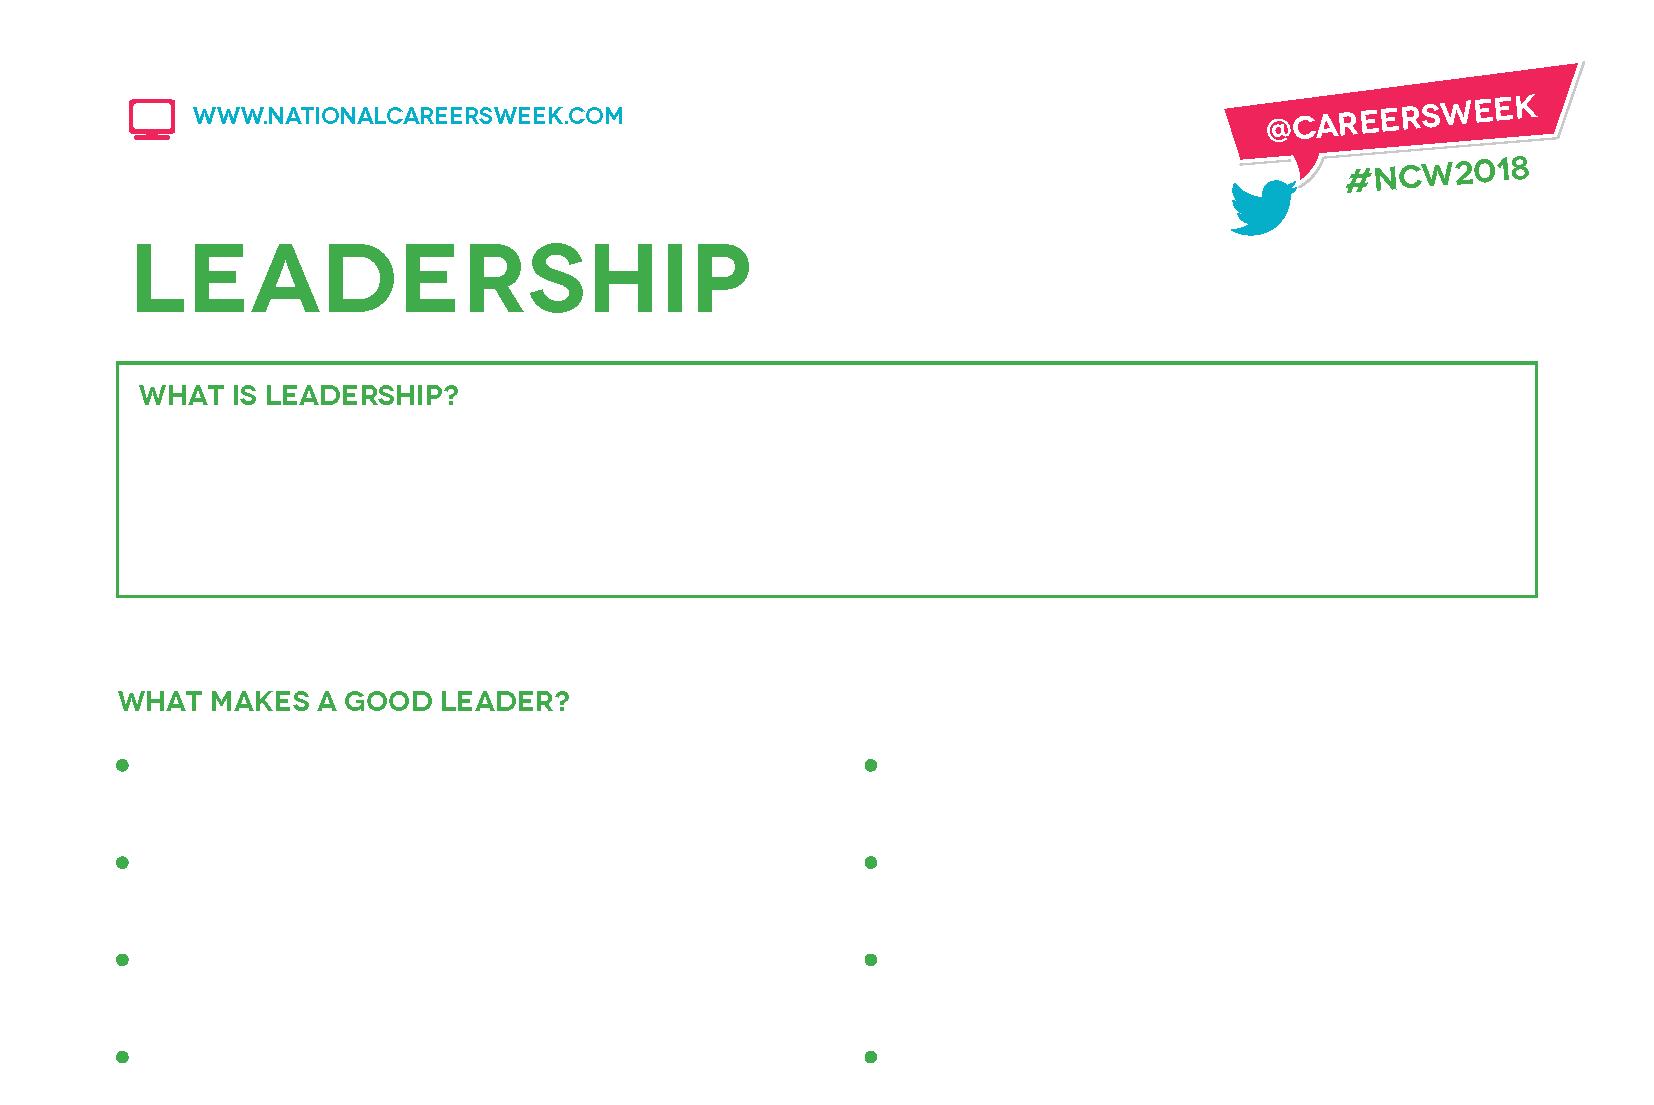 Worksheets Leadership Worksheets ncw 2018 key qualities worksheets national careers week worksheets